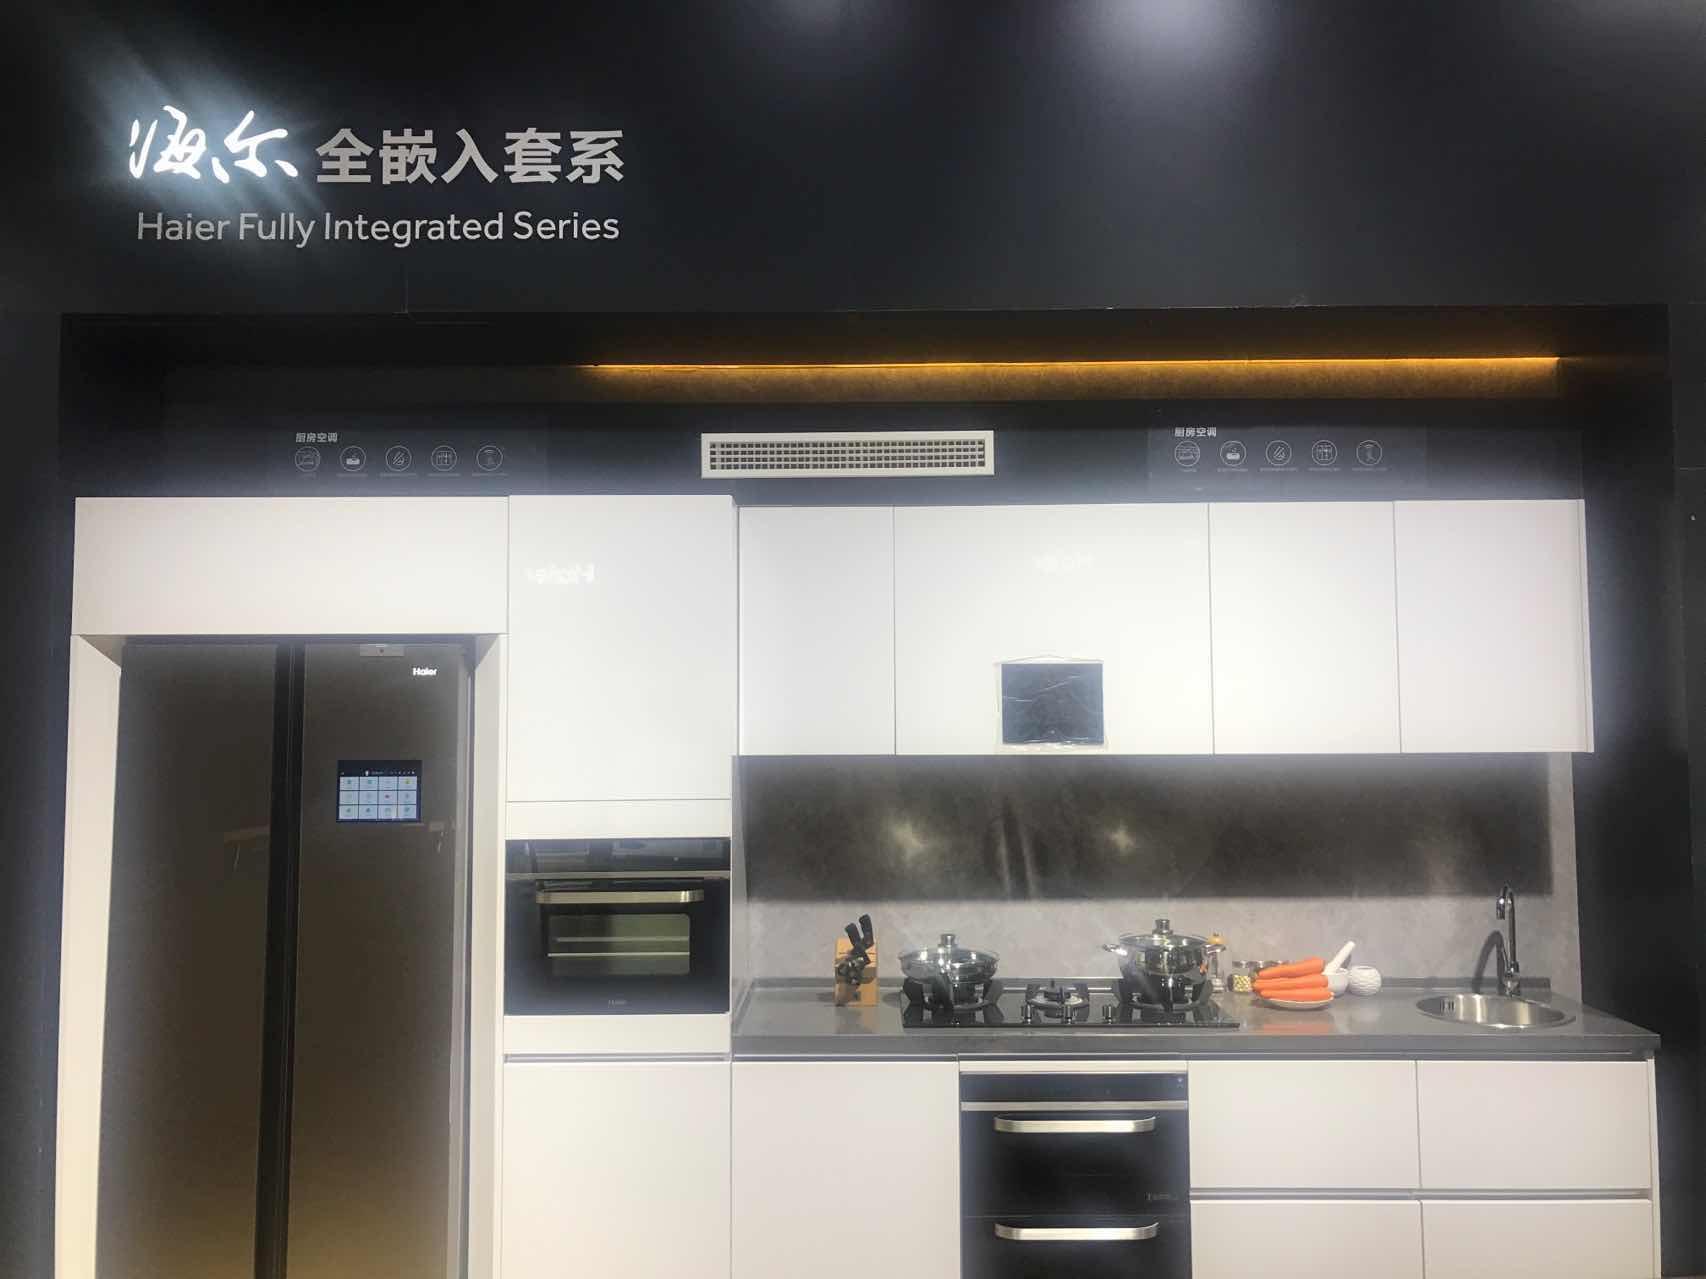 海尔厨房空调亮相电博会升级全屋洁净空气